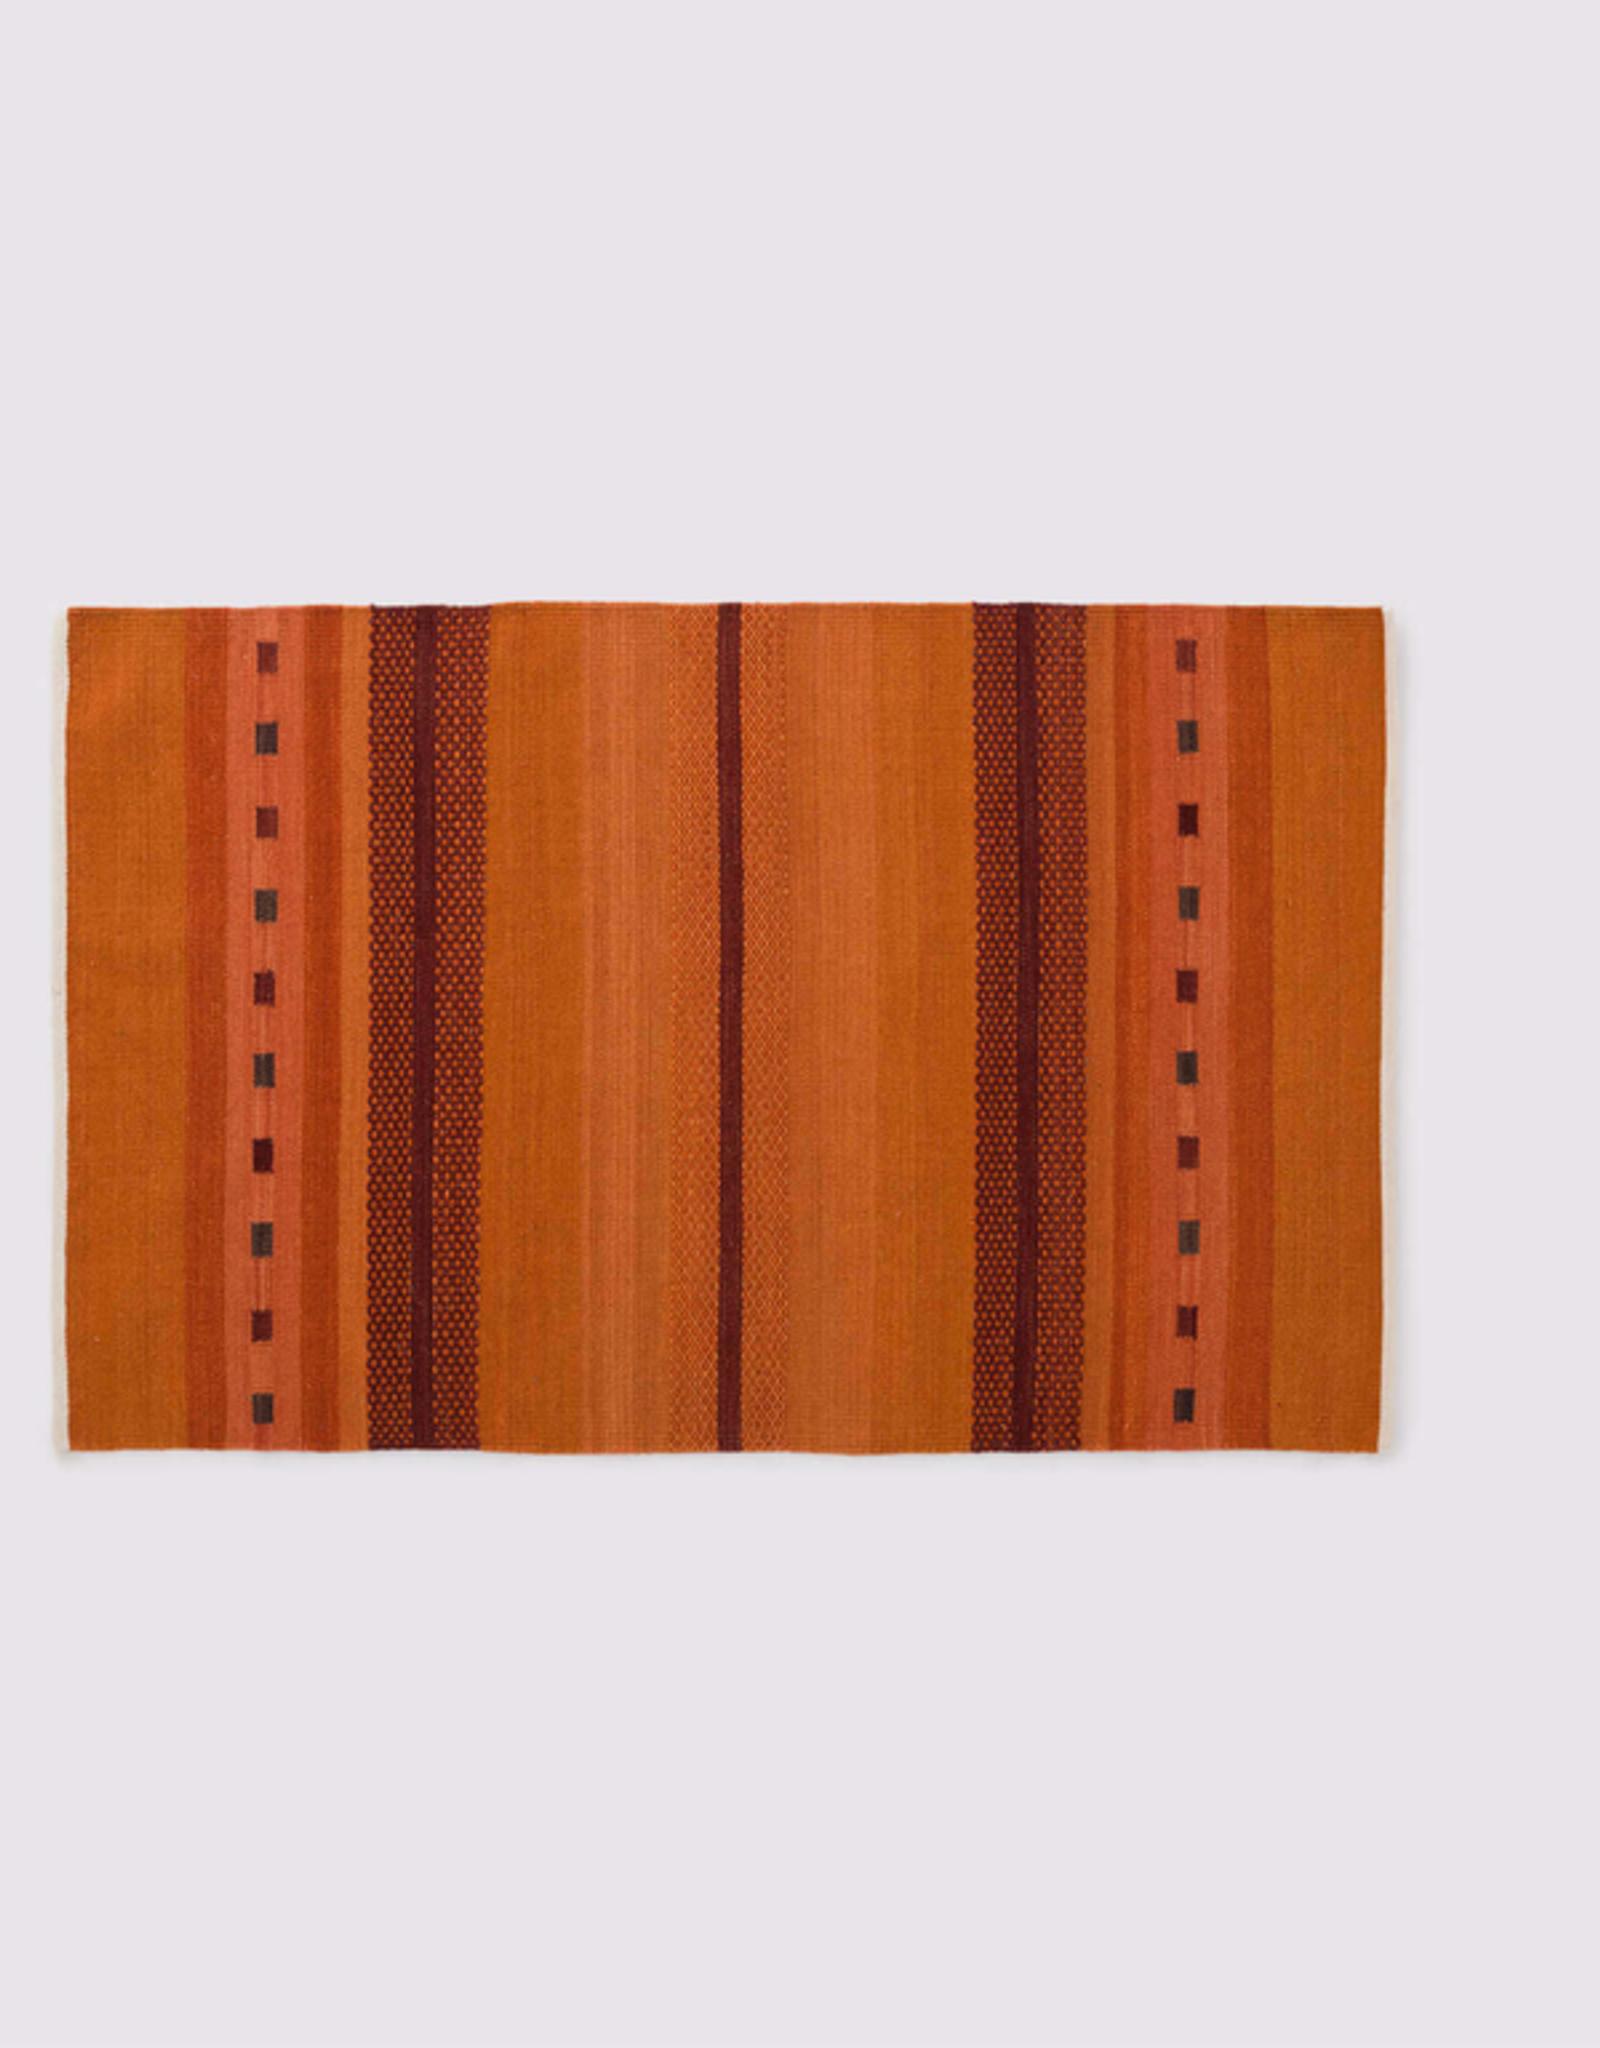 Atlas Rug, Orange 4x6 100% Wool